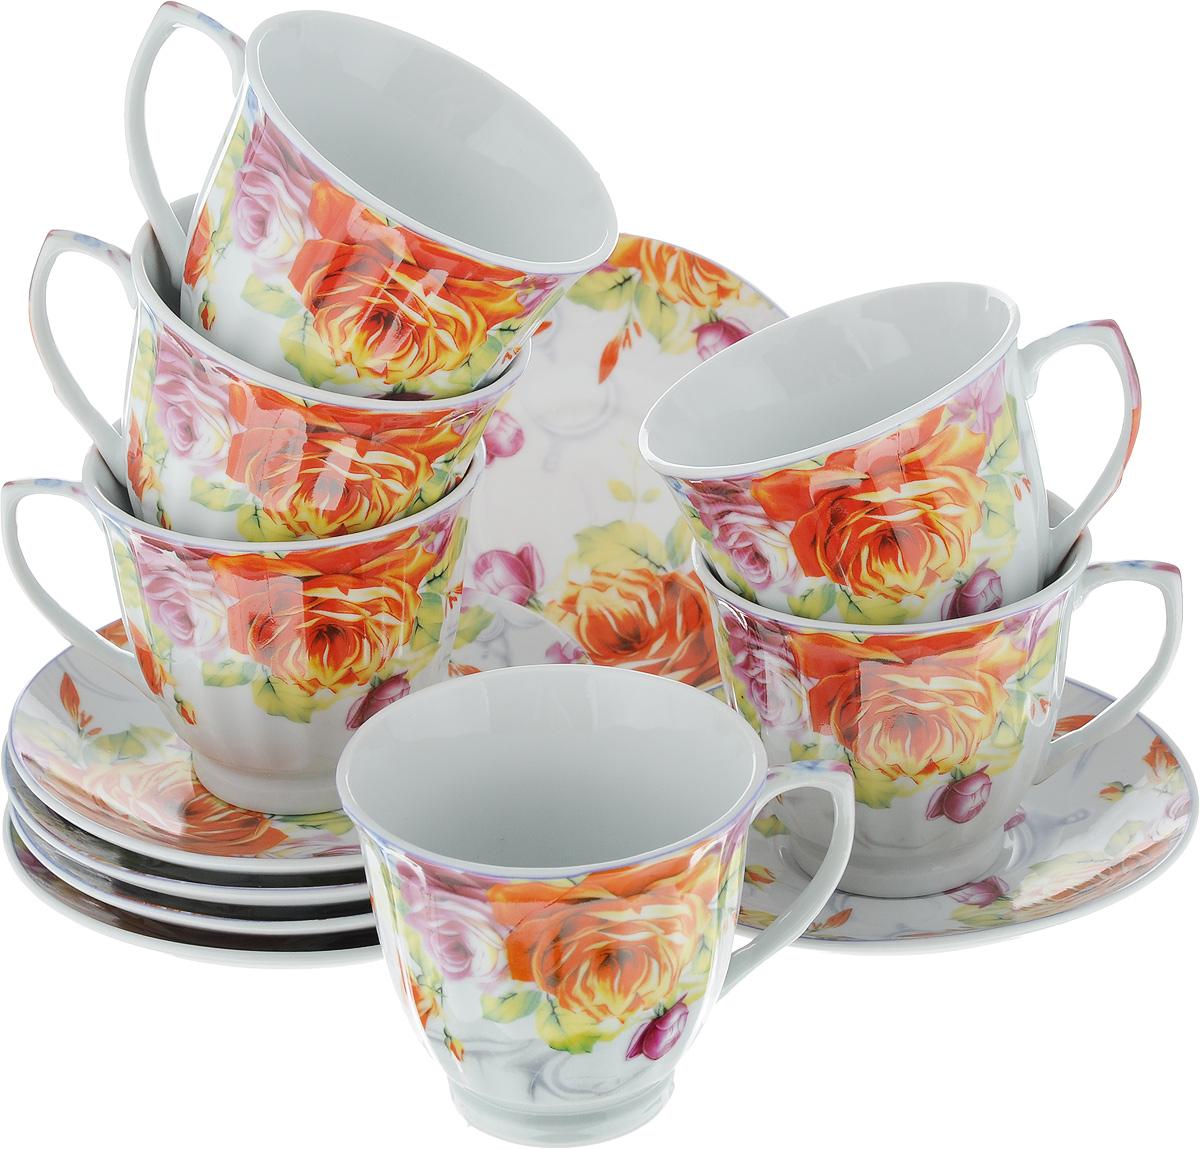 Набор чайный Loraine Розы, 12 предметов. 2253222532Чайный набор Loraine Розы состоит из шести чашек и шести блюдец. Изделия выполнены из высококачественного фарфора и оформлены цветочным рисунком. Такой набор изящно дополнит сервировку стола к чаепитию. Благодаря оригинальному дизайну и качеству исполнения, он станет замечательным подарком для ваших друзей и близких. Набор упакован в красивую подарочную коробку.Объем чашки: 220 мл. Диаметр чашки (по верхнему краю): 8,7 см. Высота чашки: 7,5 см. Диаметр блюдца: 13,5 см.Высота блюдца: 2 см.